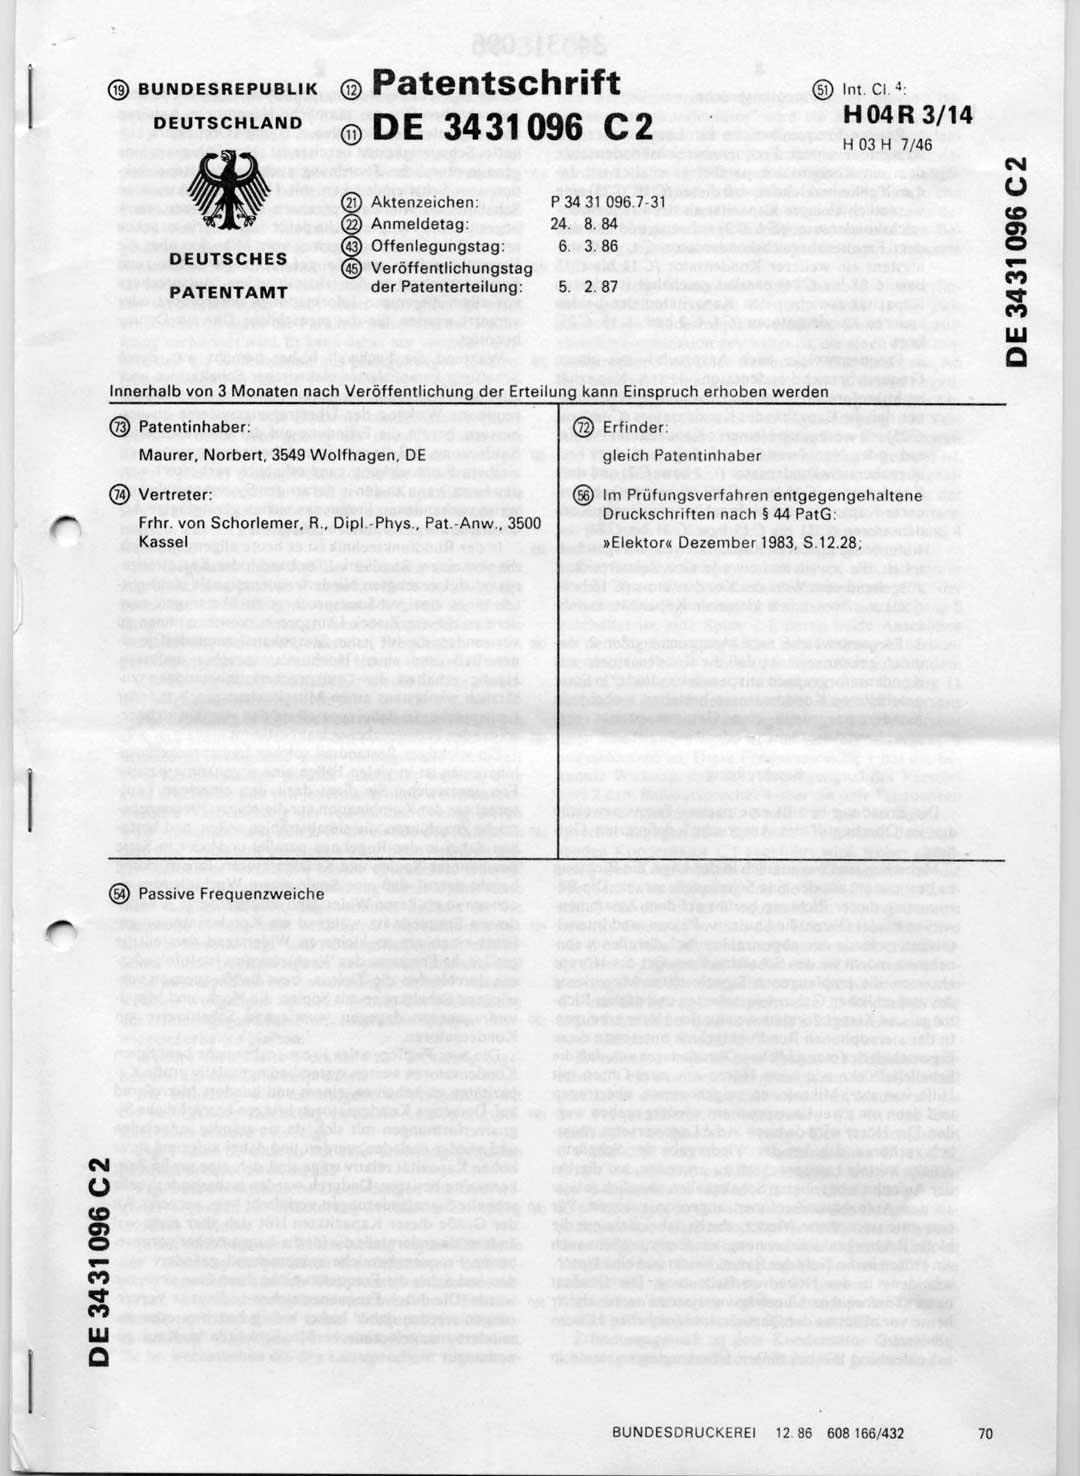 Patentschrift-Frequenzweiche Norbert Maurer, Quelle: Vortex HiFi